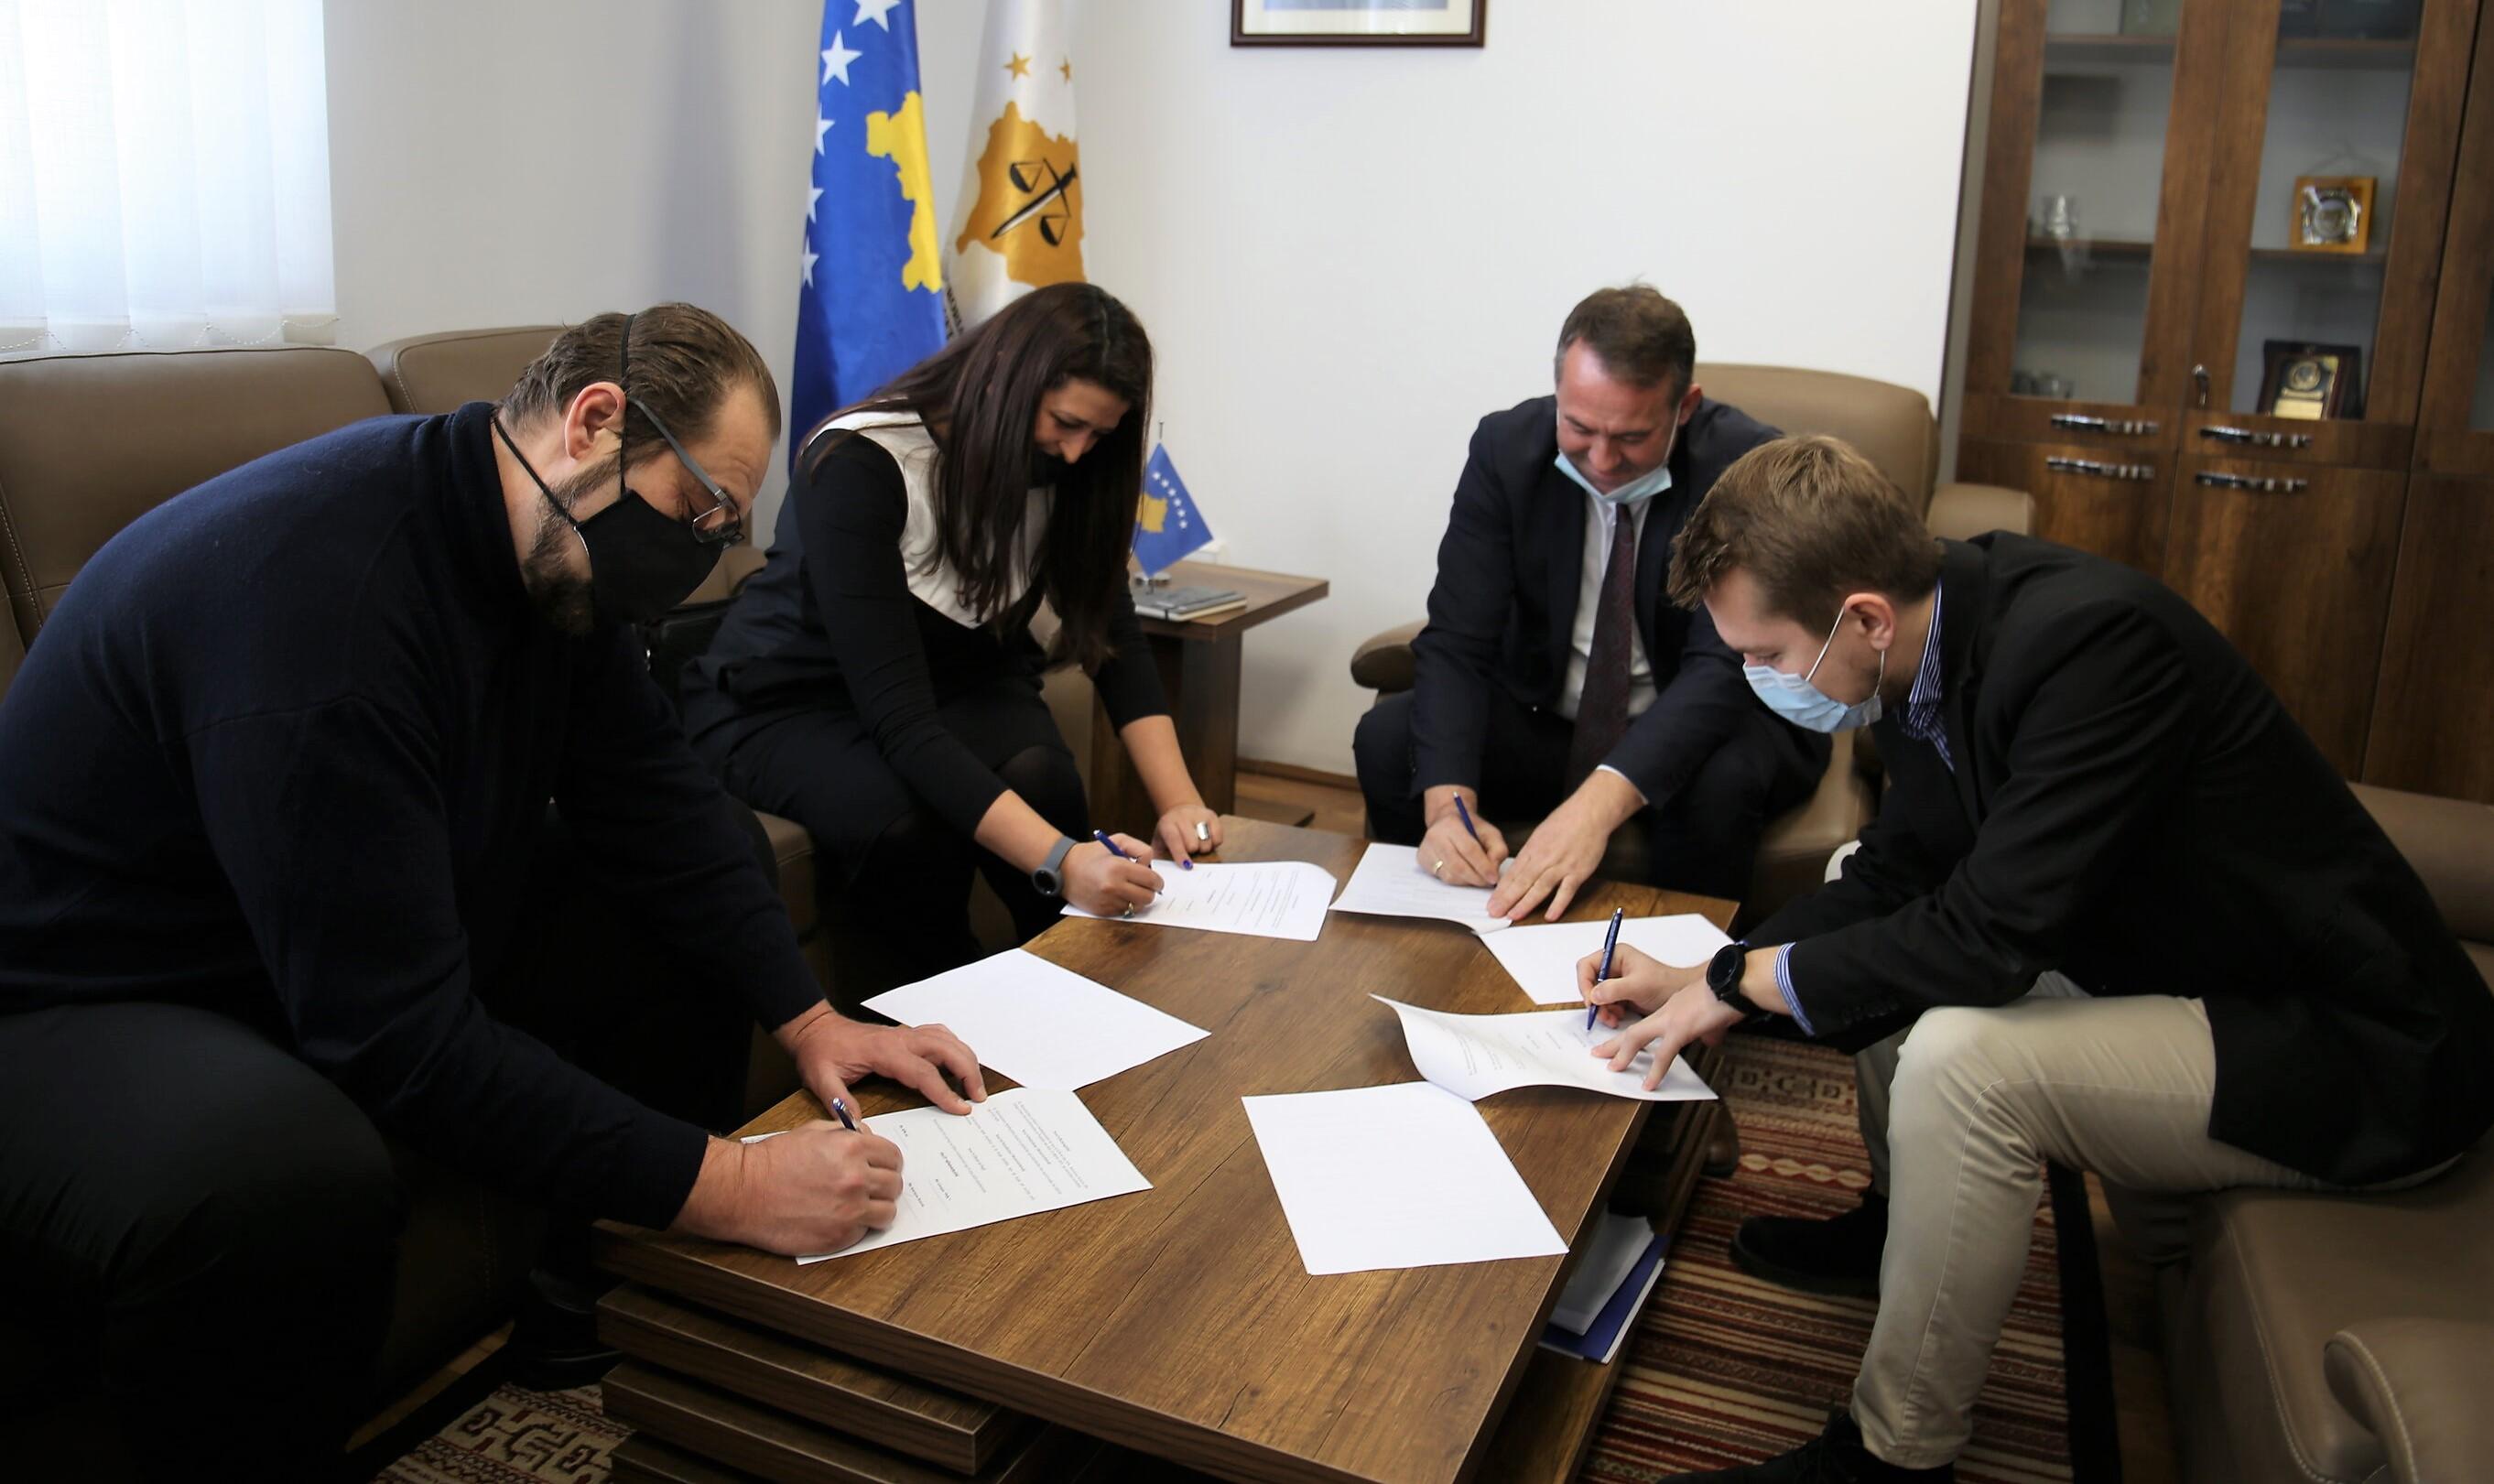 TSK, FOL, Internews Kosova i Debate Center potpisali su memorandum sporazuma